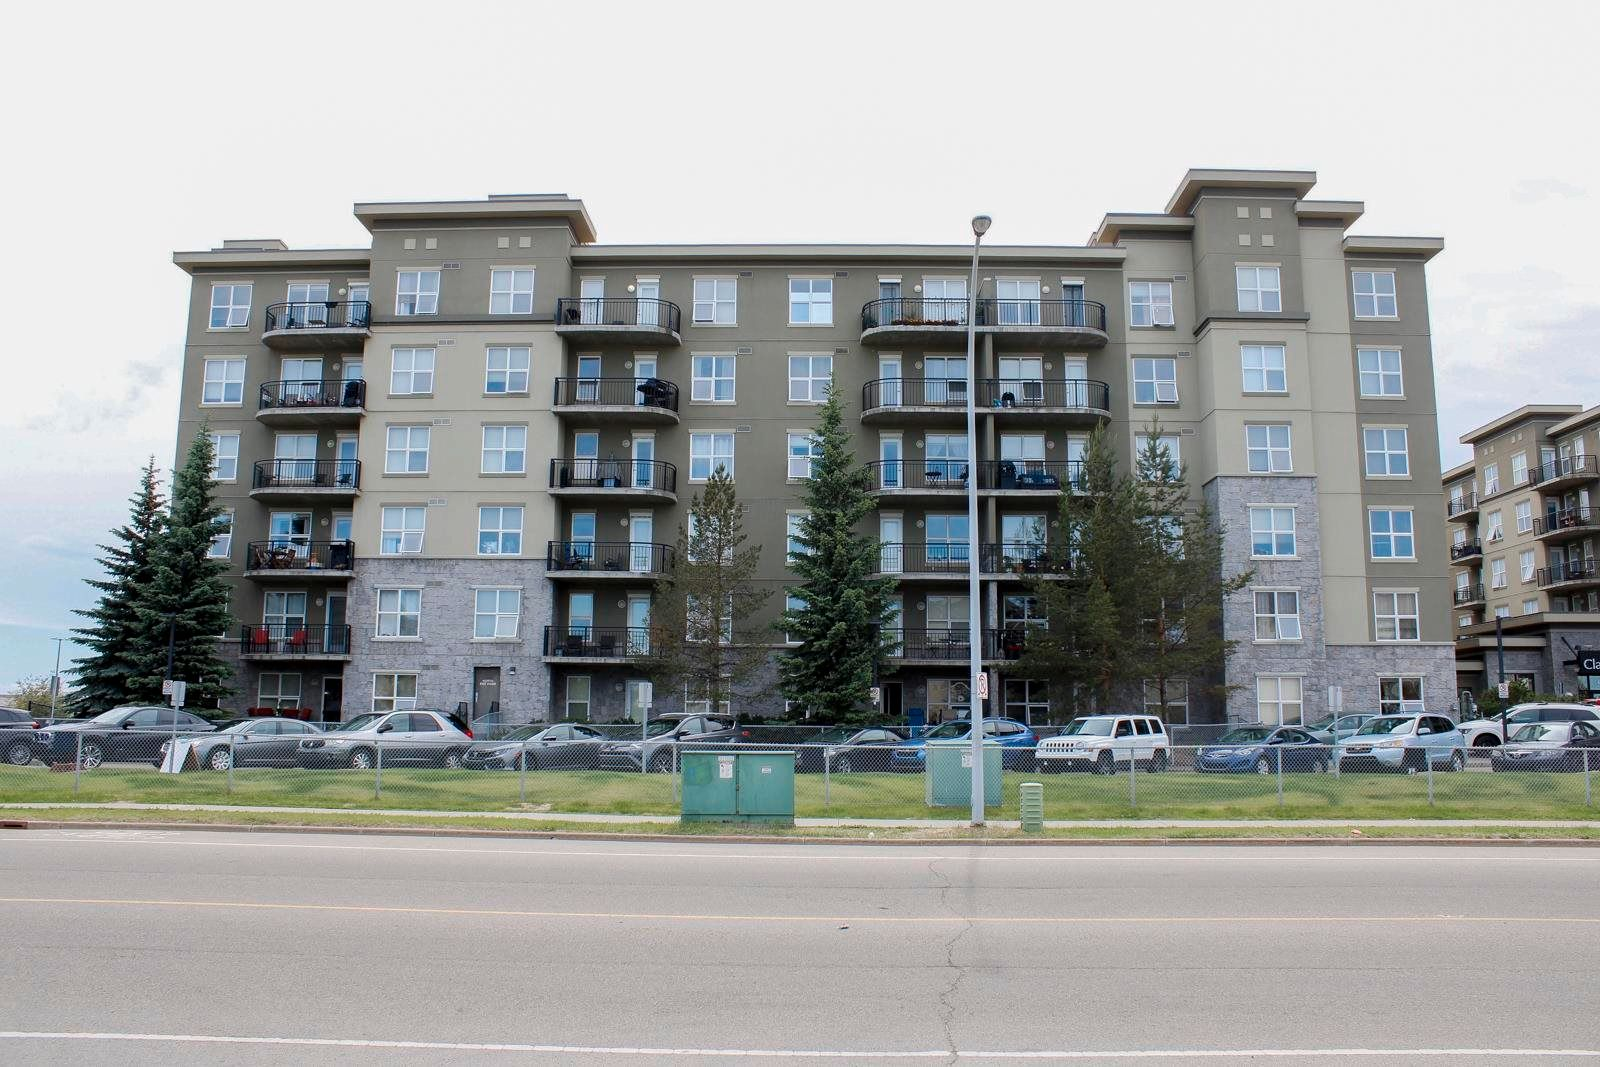 Main Photo: 2-102 4245 139 Avenue in Edmonton: Zone 35 Condo for sale : MLS®# E4250077